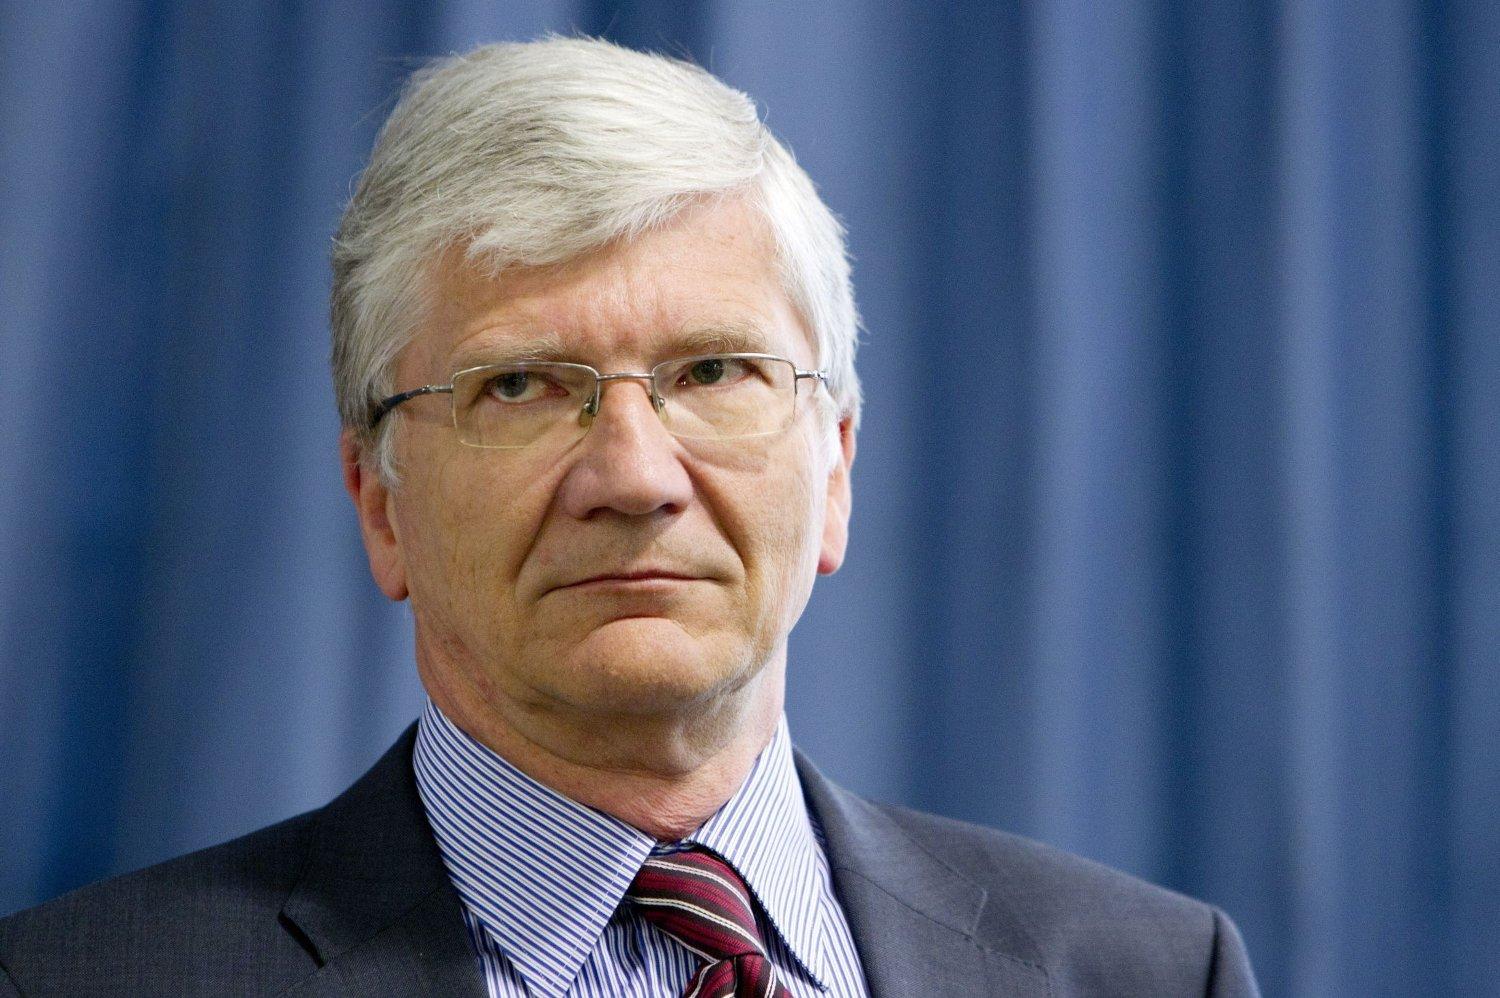 Finansminister Siv Jensens budsjett er kjedelig og ansvarlig, akkurat slik det skal være, mener sjeføkonom Steinar Juel i Nordea.